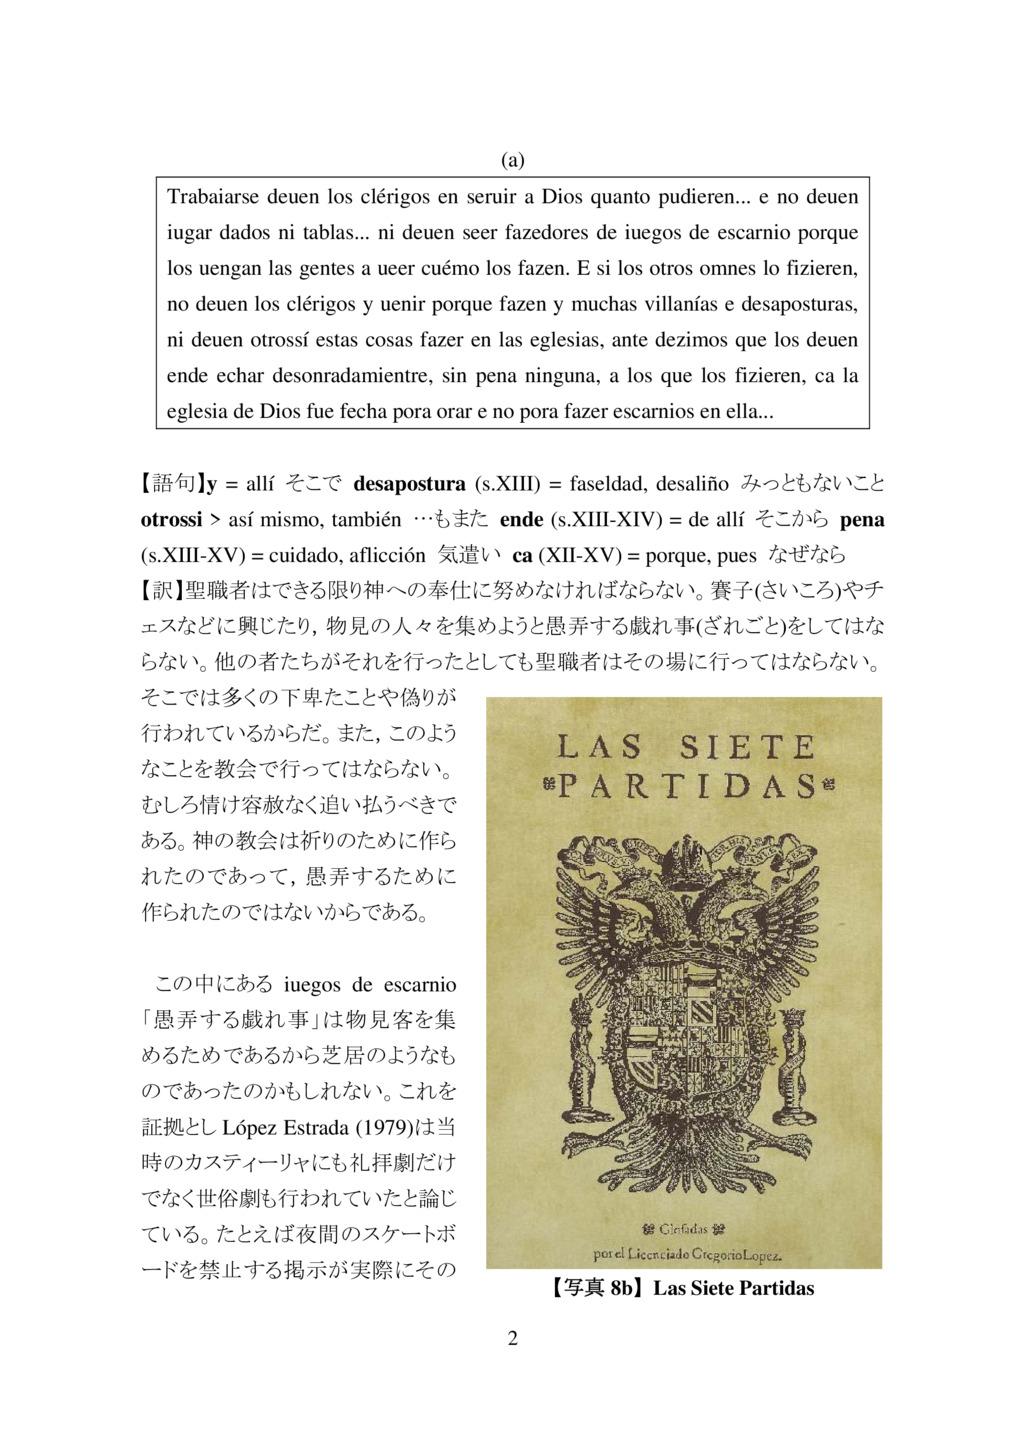 演劇不在の証明…アルフォンソ十世『七部法典』